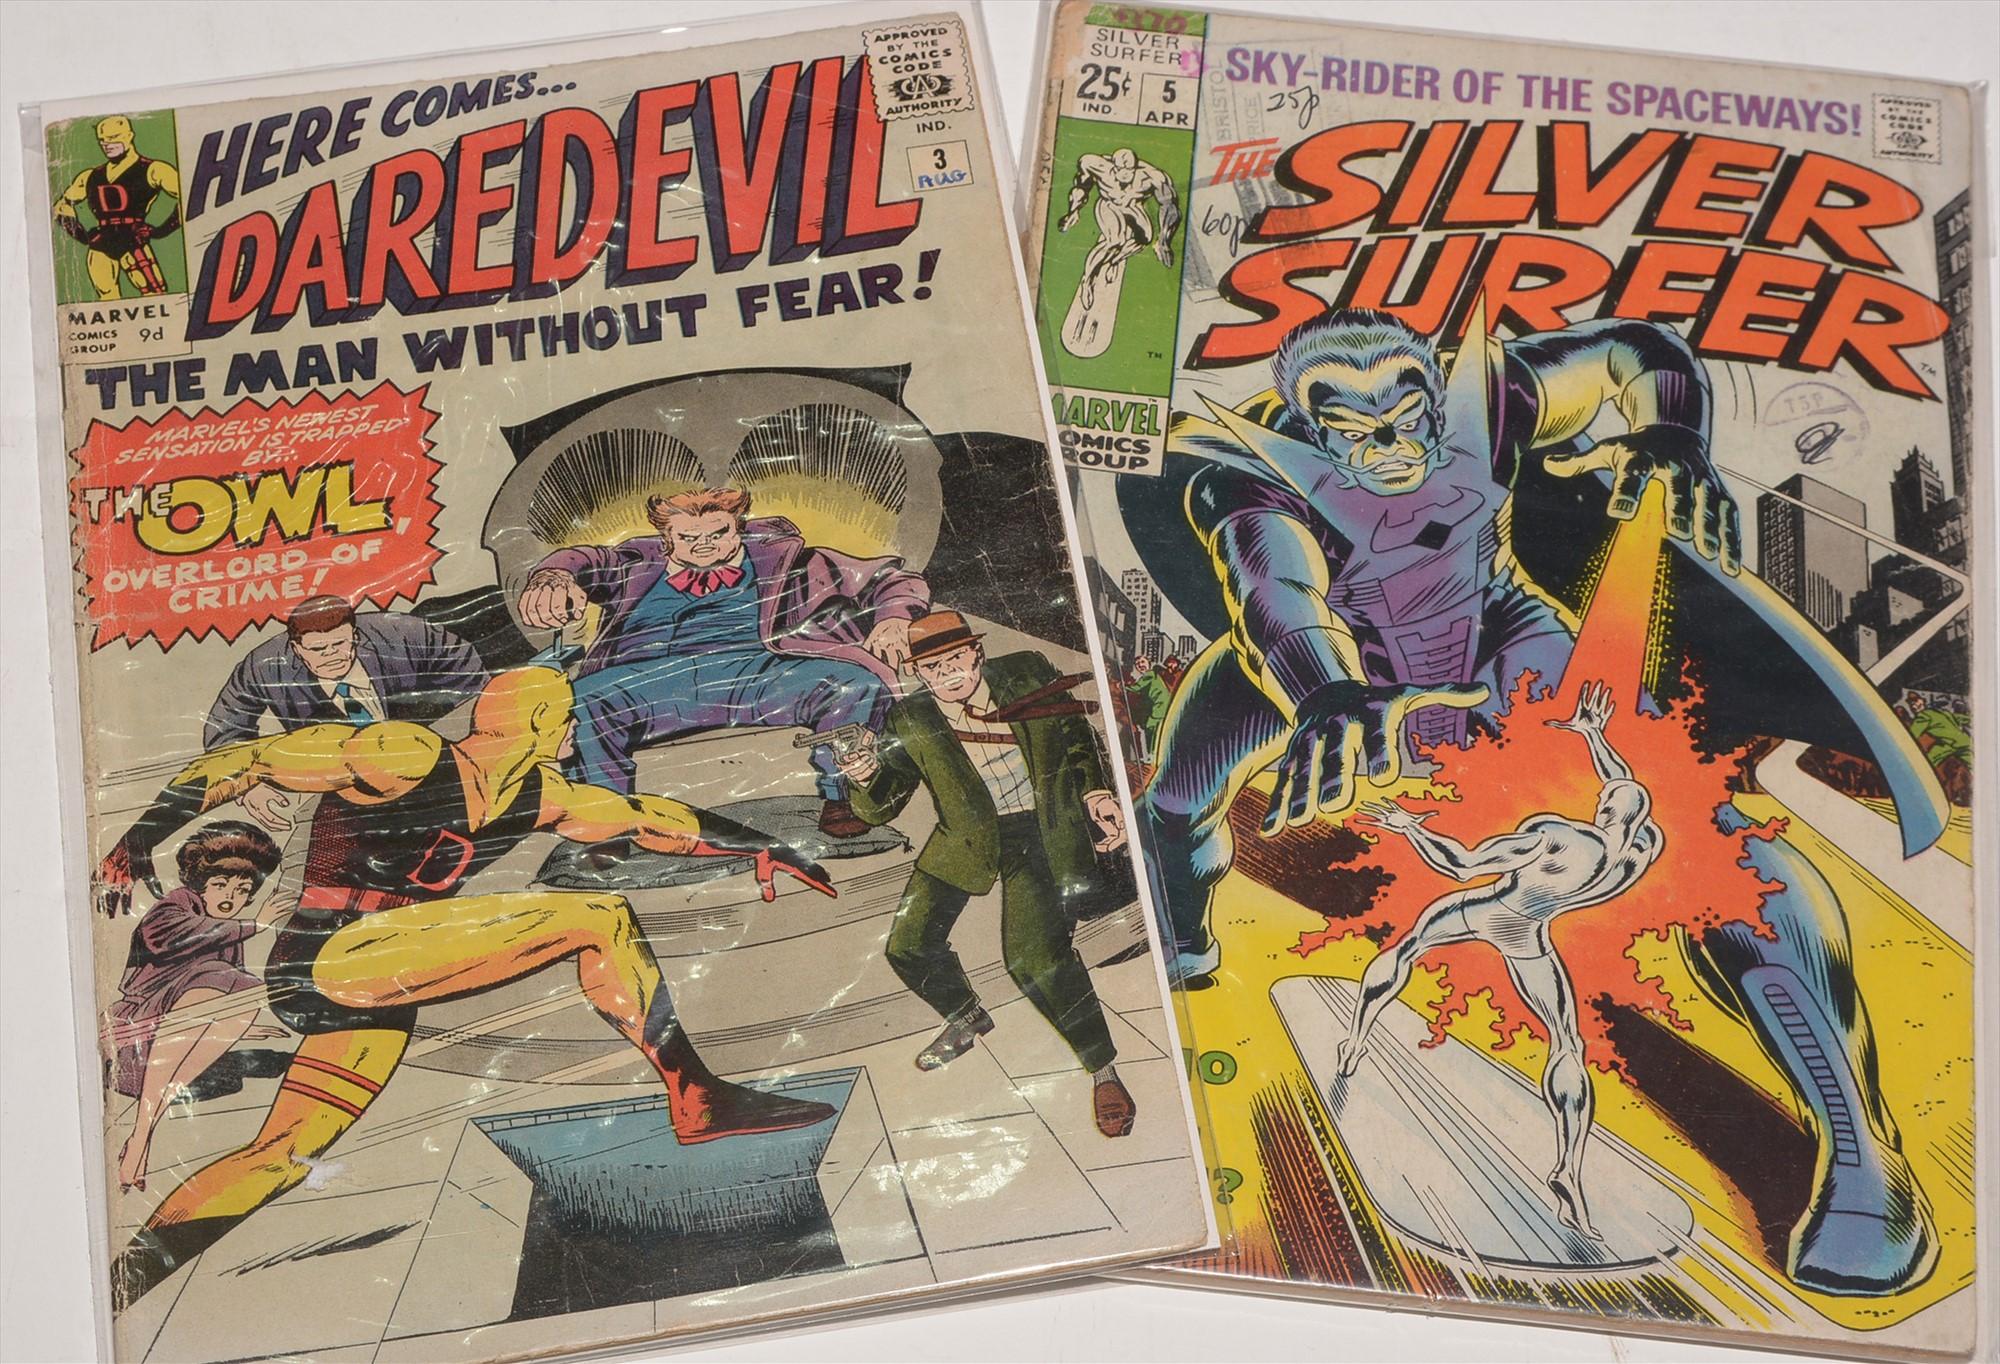 The Silver Surfer No. 5 and Daredevil No. 3.